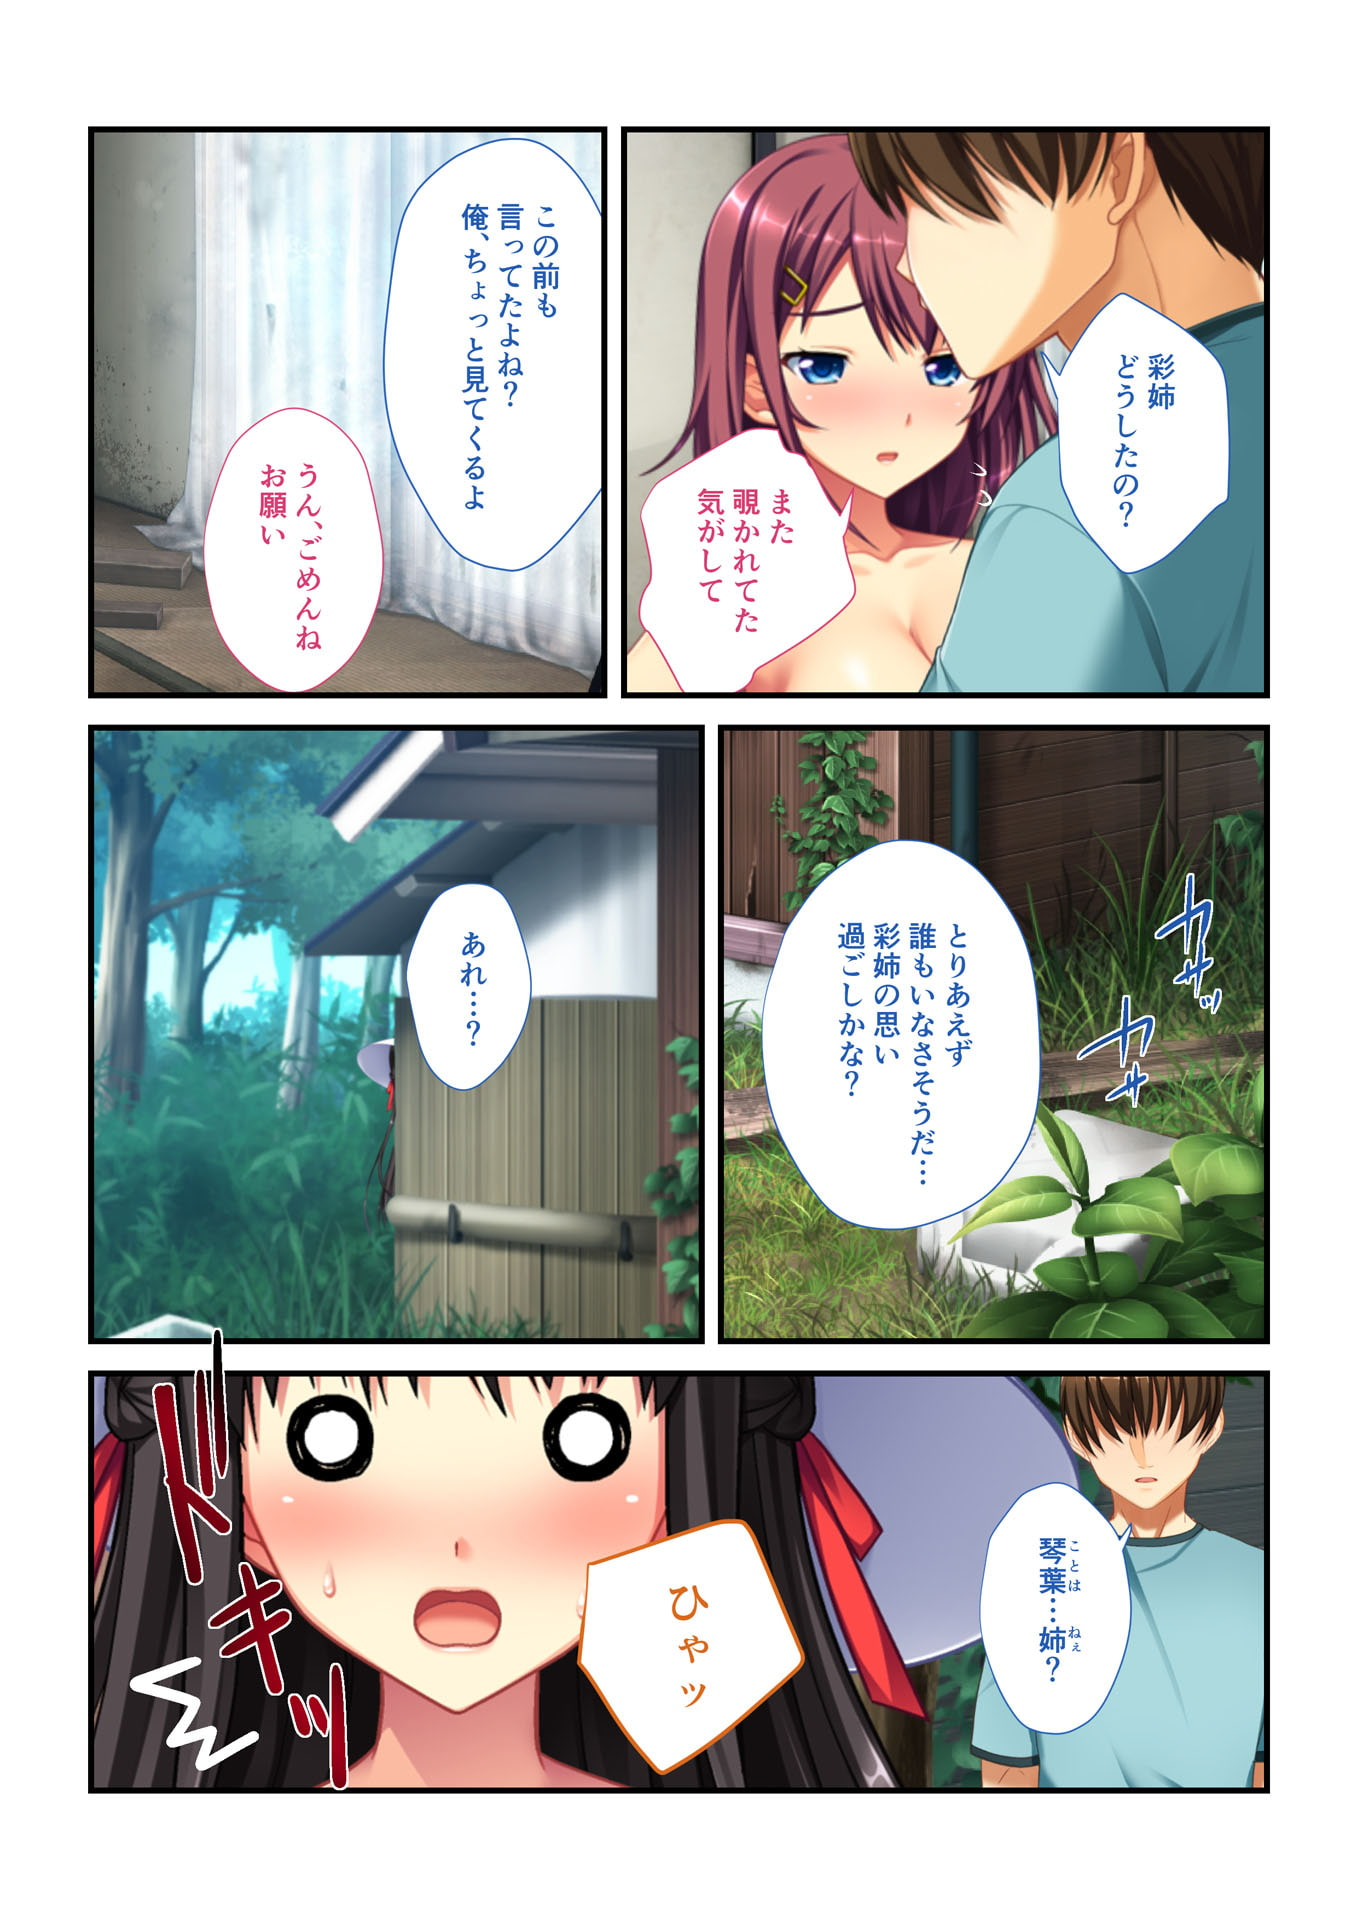 里帰りでハーレムH 田舎で処女幼なじみ性開発!!(2) フルカラーコミック版